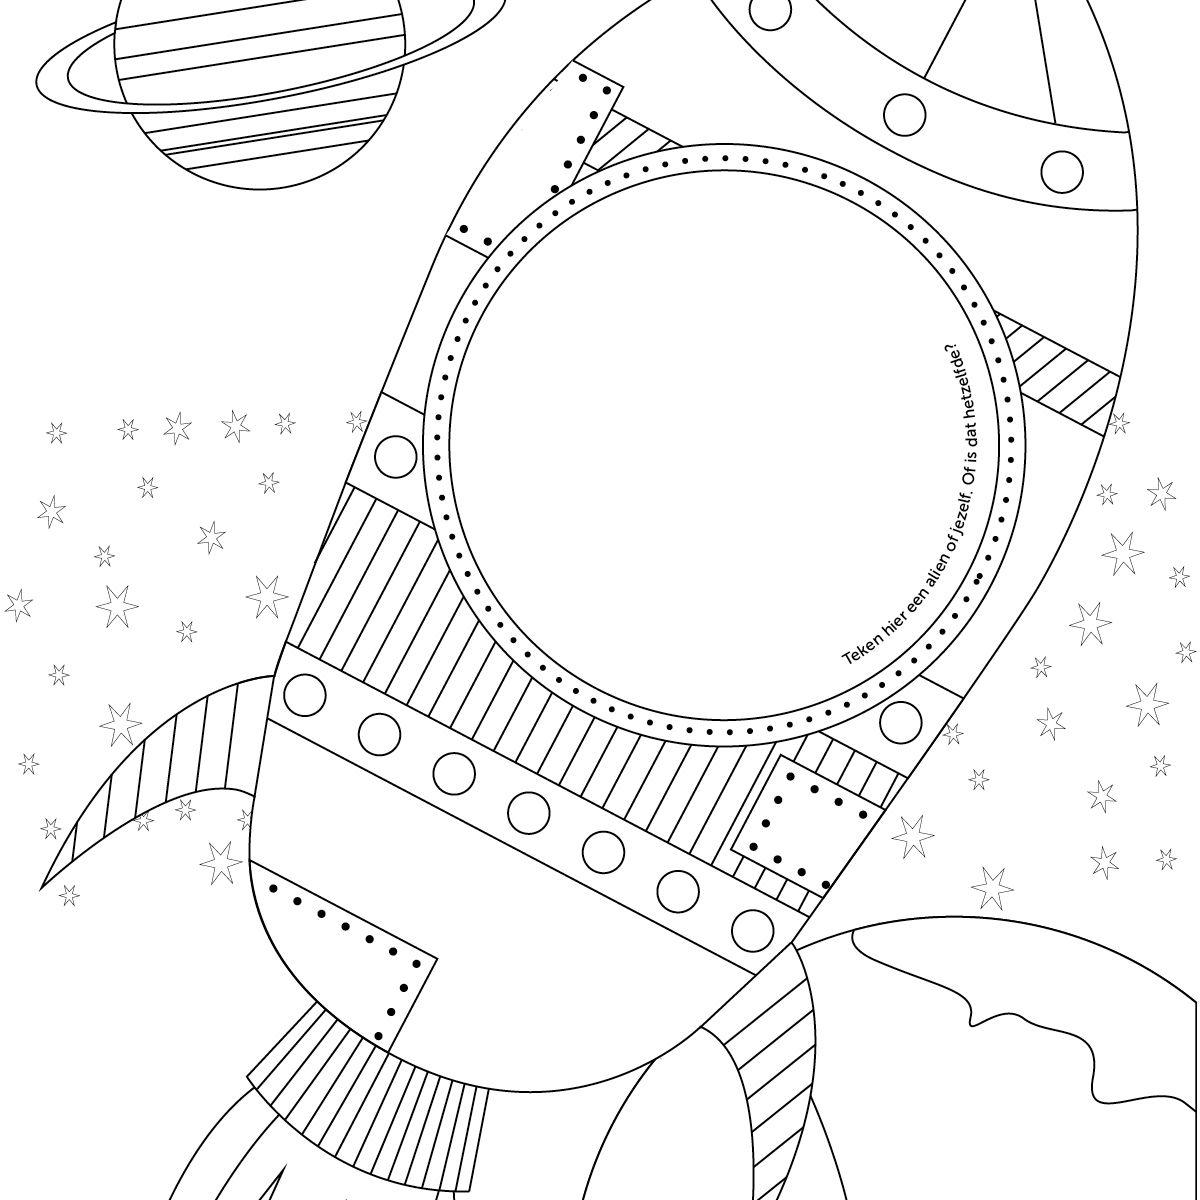 Kleurplaten Van Raketten.Kleur En Teken Deze Kleurplaat Met Astronaut En Raket